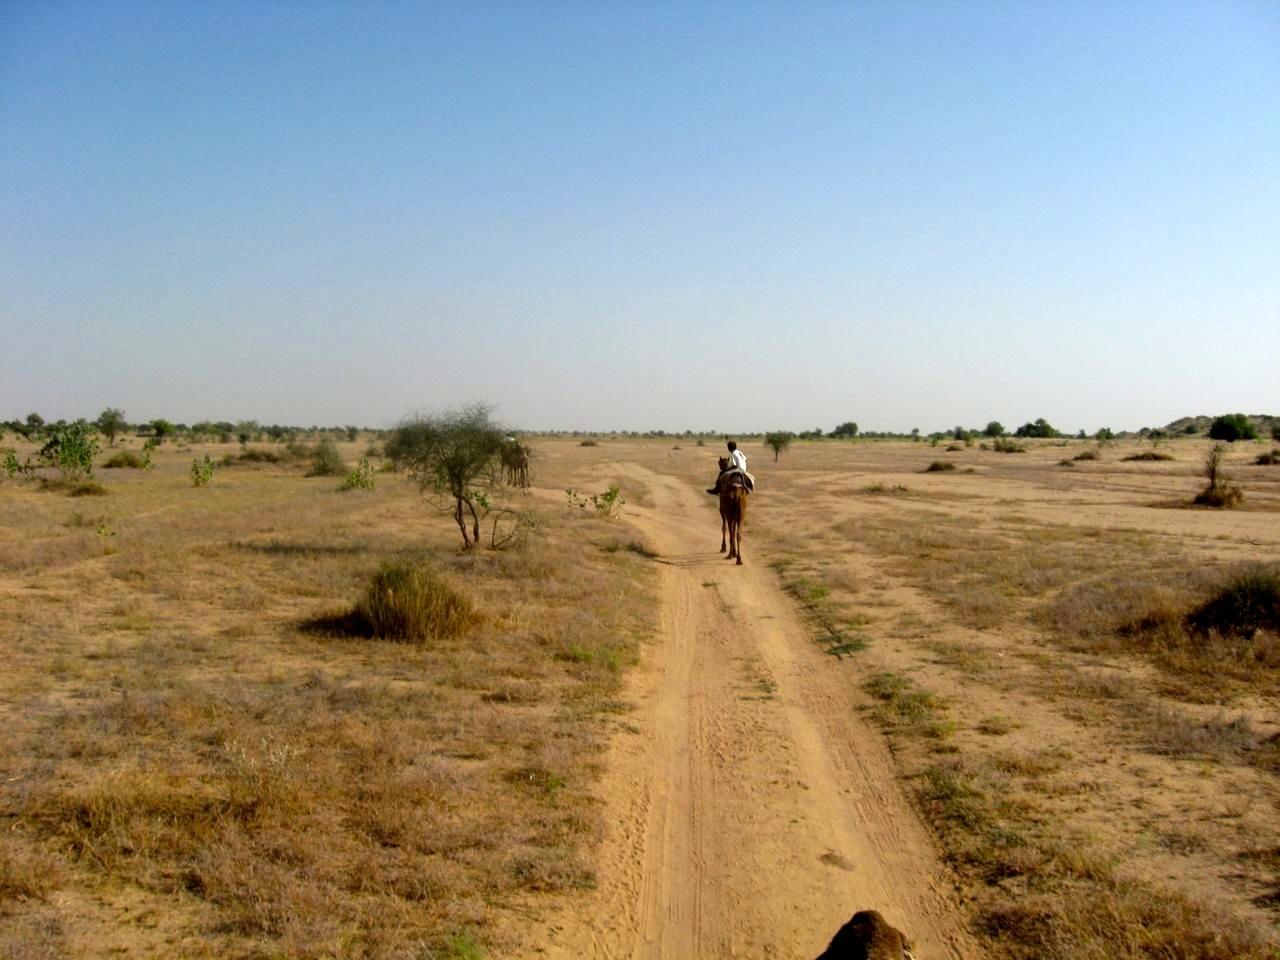 Thar desert 1 19